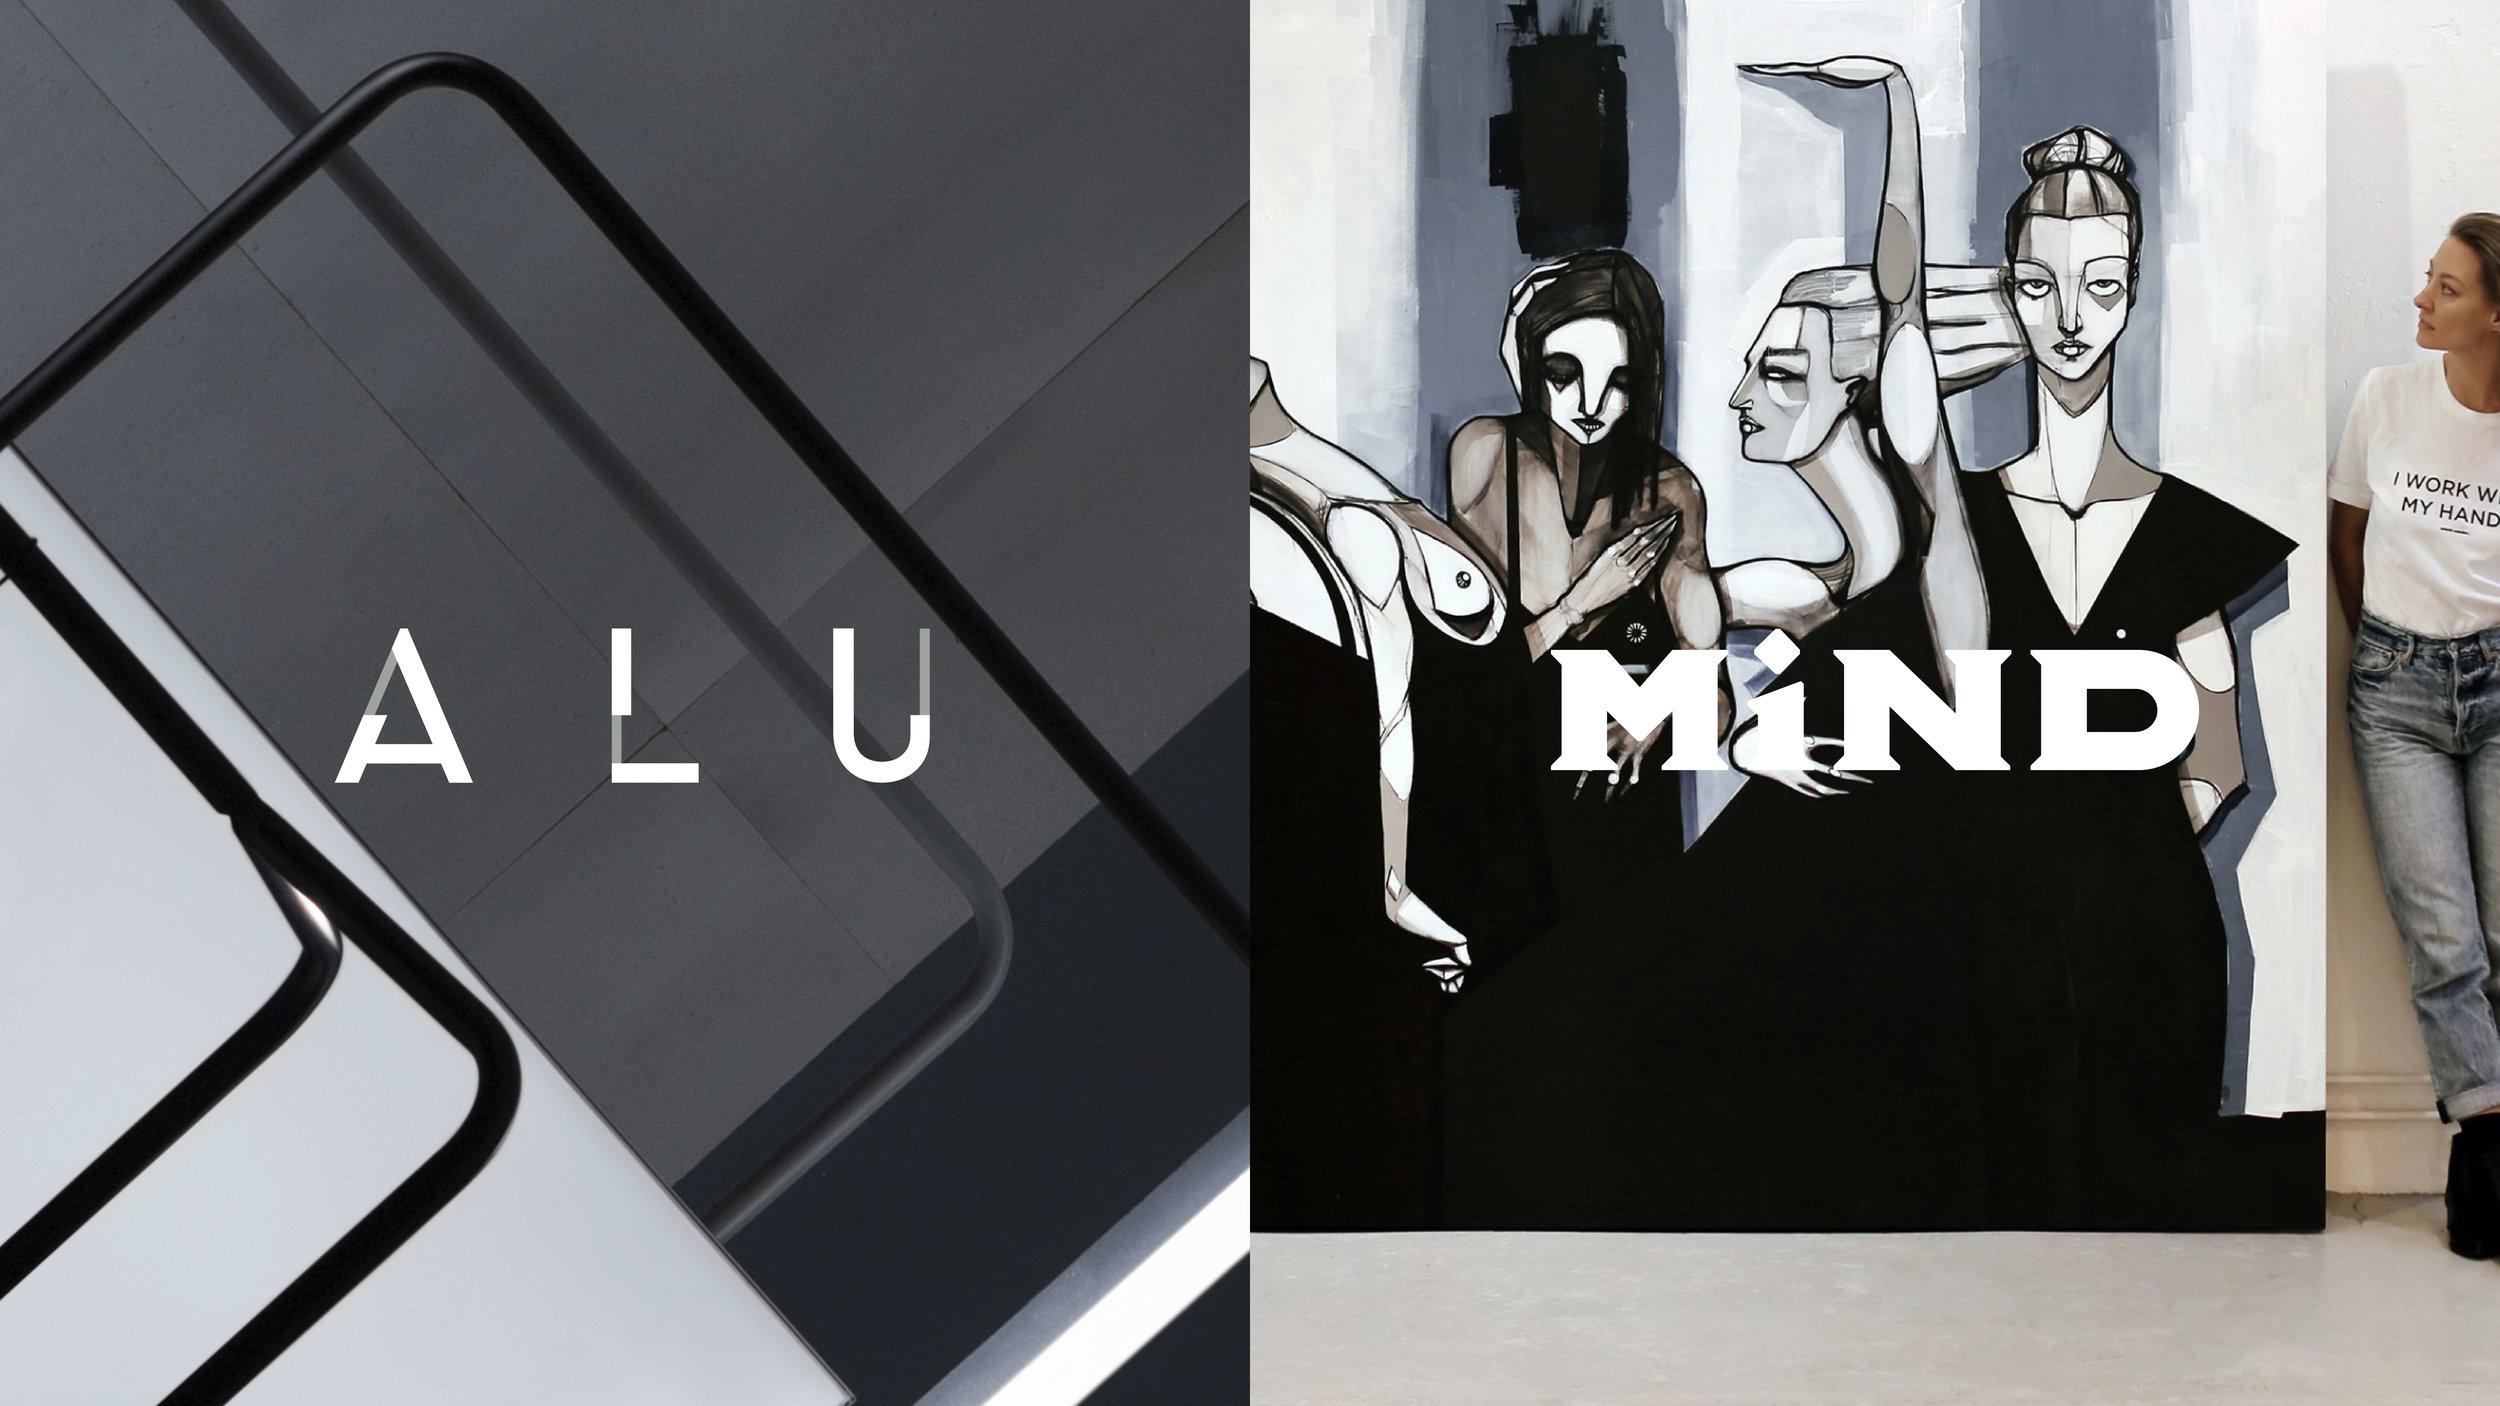 ALU_MiND_Vuoden_Huiput_Video_Logo_03-01.jpg